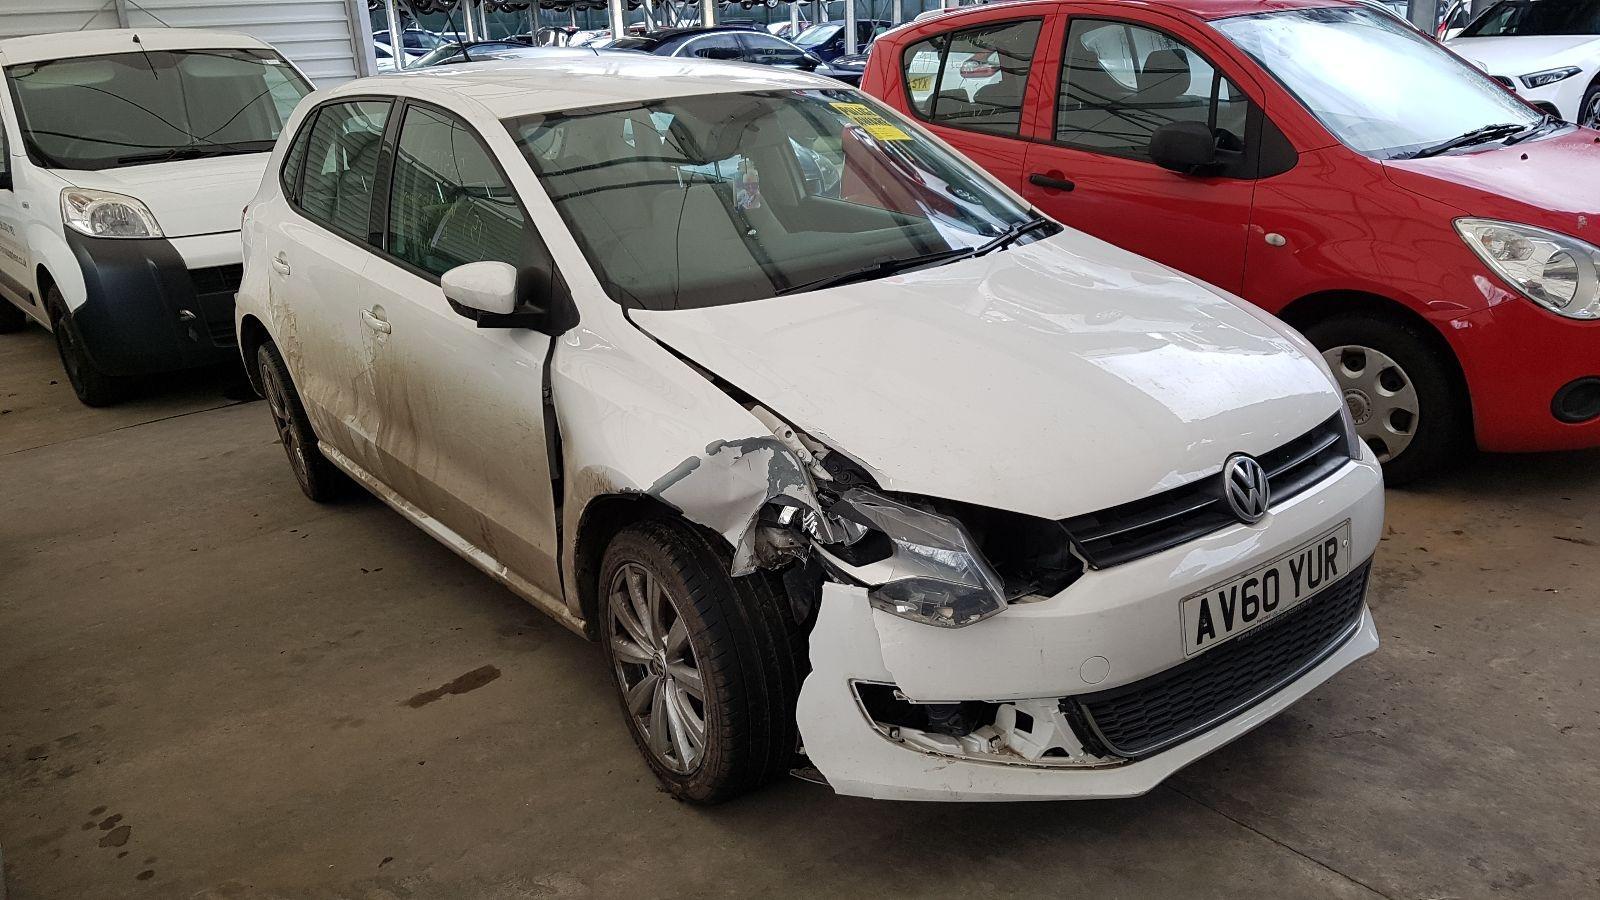 Image for a Volkswagen Polo 2011 5 Door Hatchback Breaking